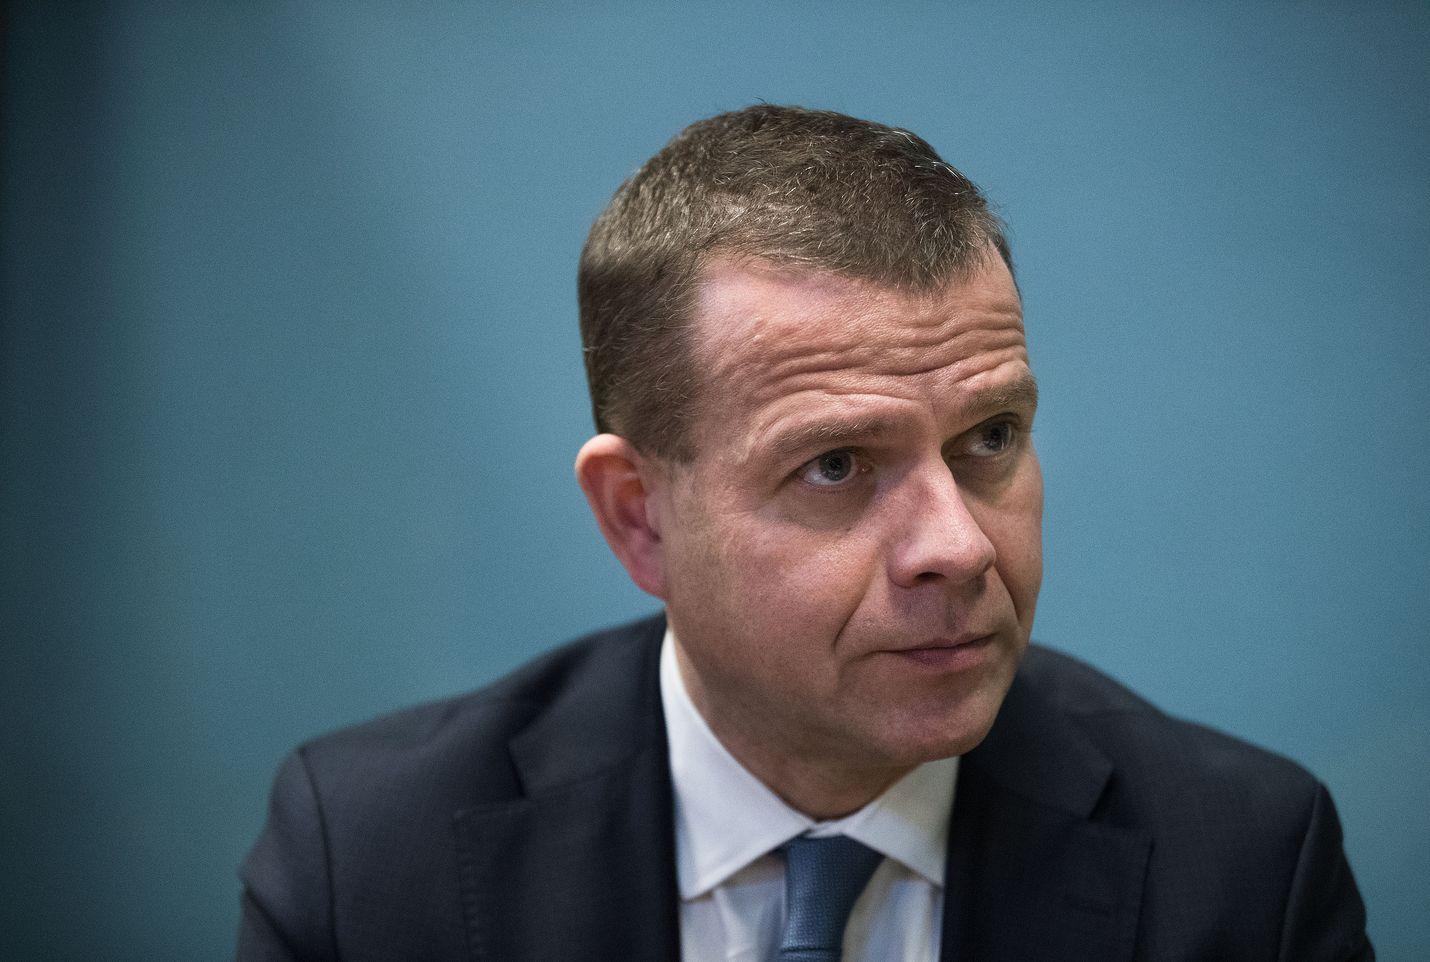 Kokoomuksen puheenjohtaja Petteri Orpo sai jo hyvissä ajoin ennen puoluekokousta Pohjoismaiden ja Baltian maiden puolueiden tuen ehdokkuudelleen. Arkistokuva.